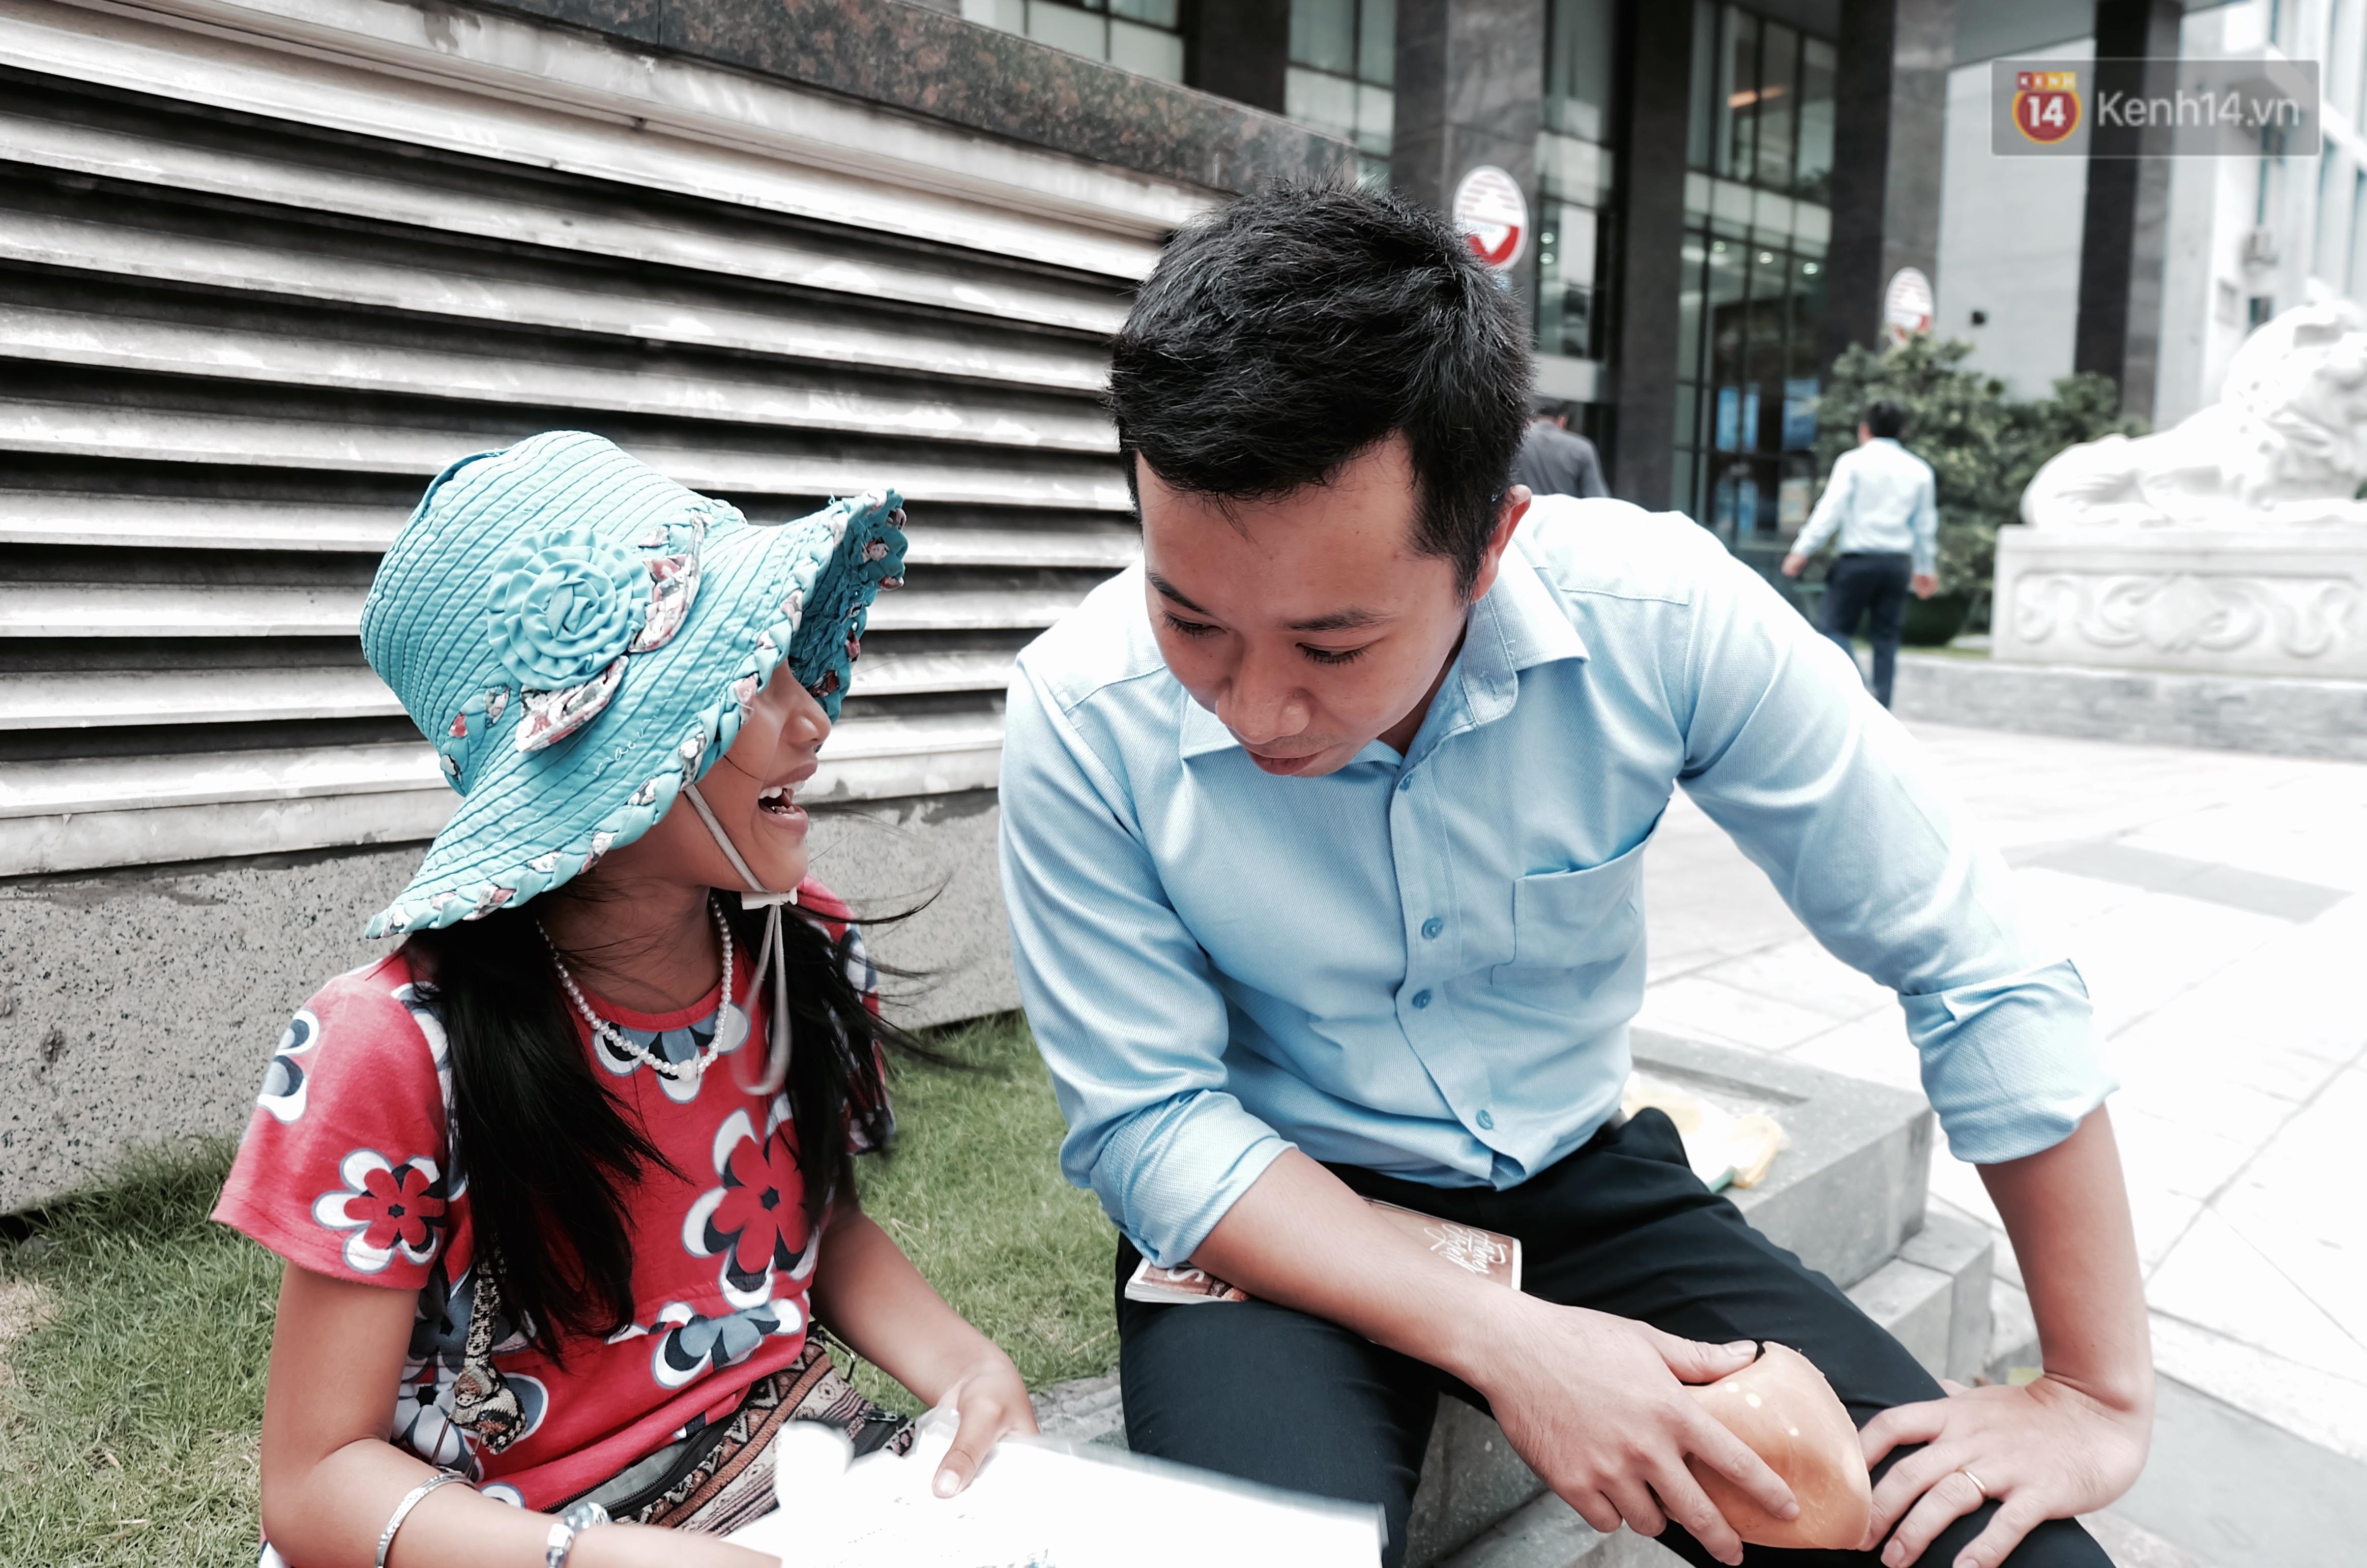 Hành trình mà nhiều người lớn tử tế đang tìm lại niềm vui cho những đứa bé nghèo ở Sài Gòn - Ảnh 7.